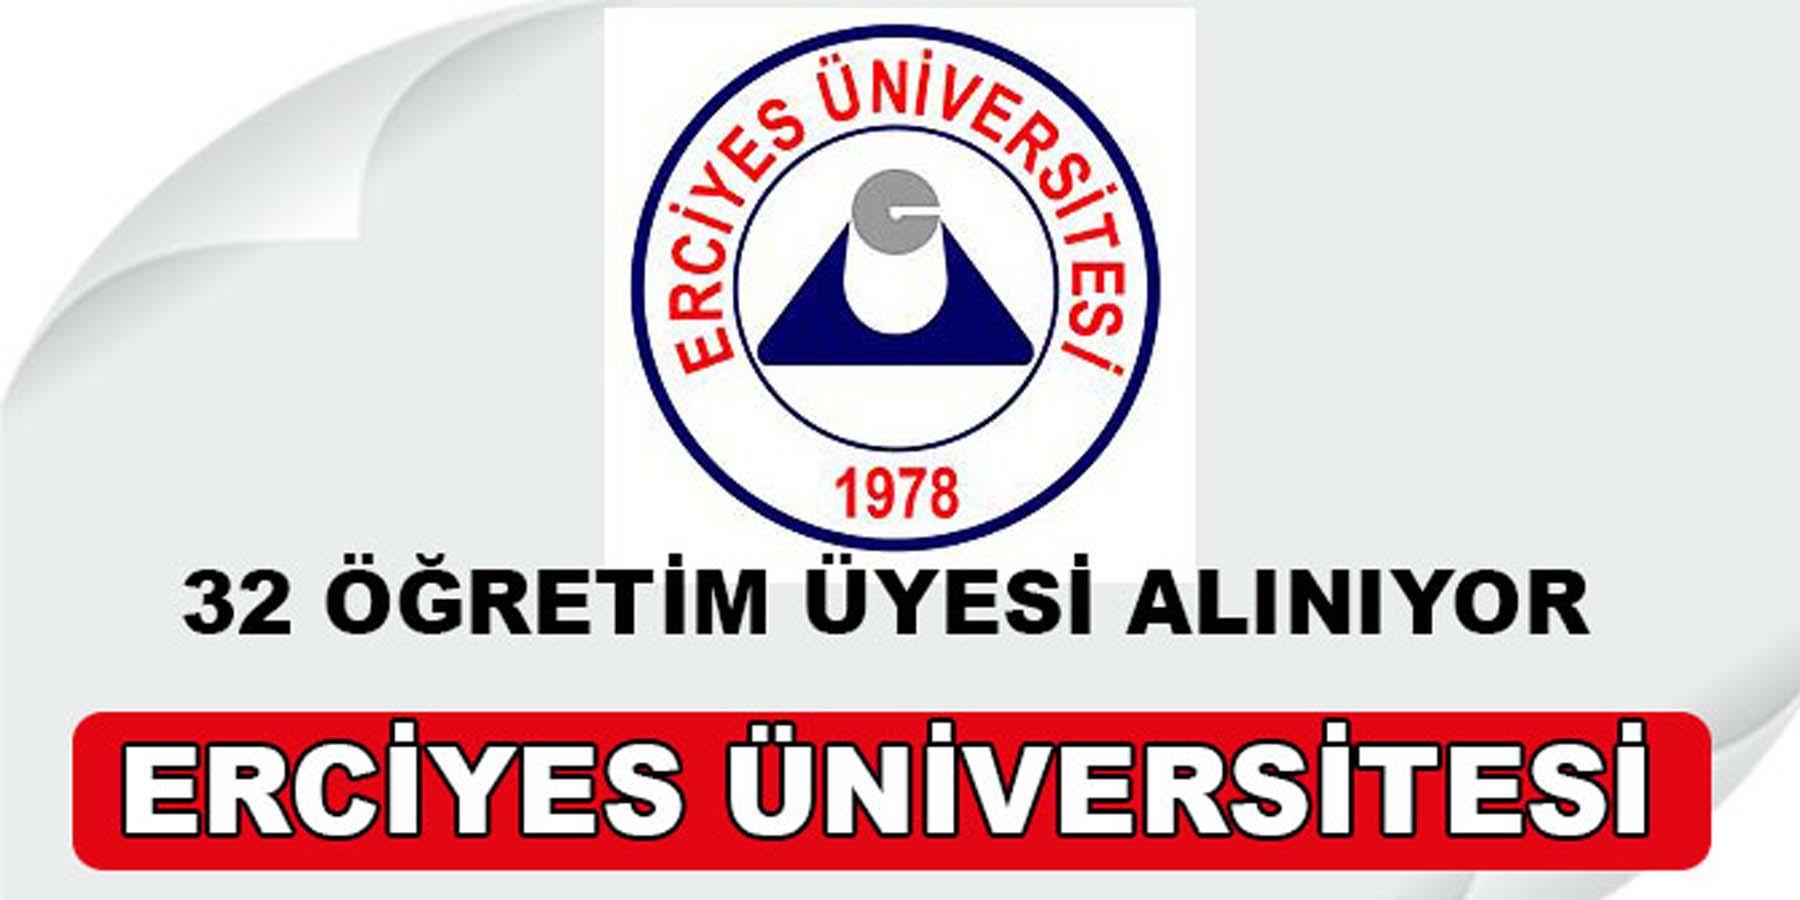 Erciyes Üniversitesi 32 Öğretim Üyesi Alımı Başladı